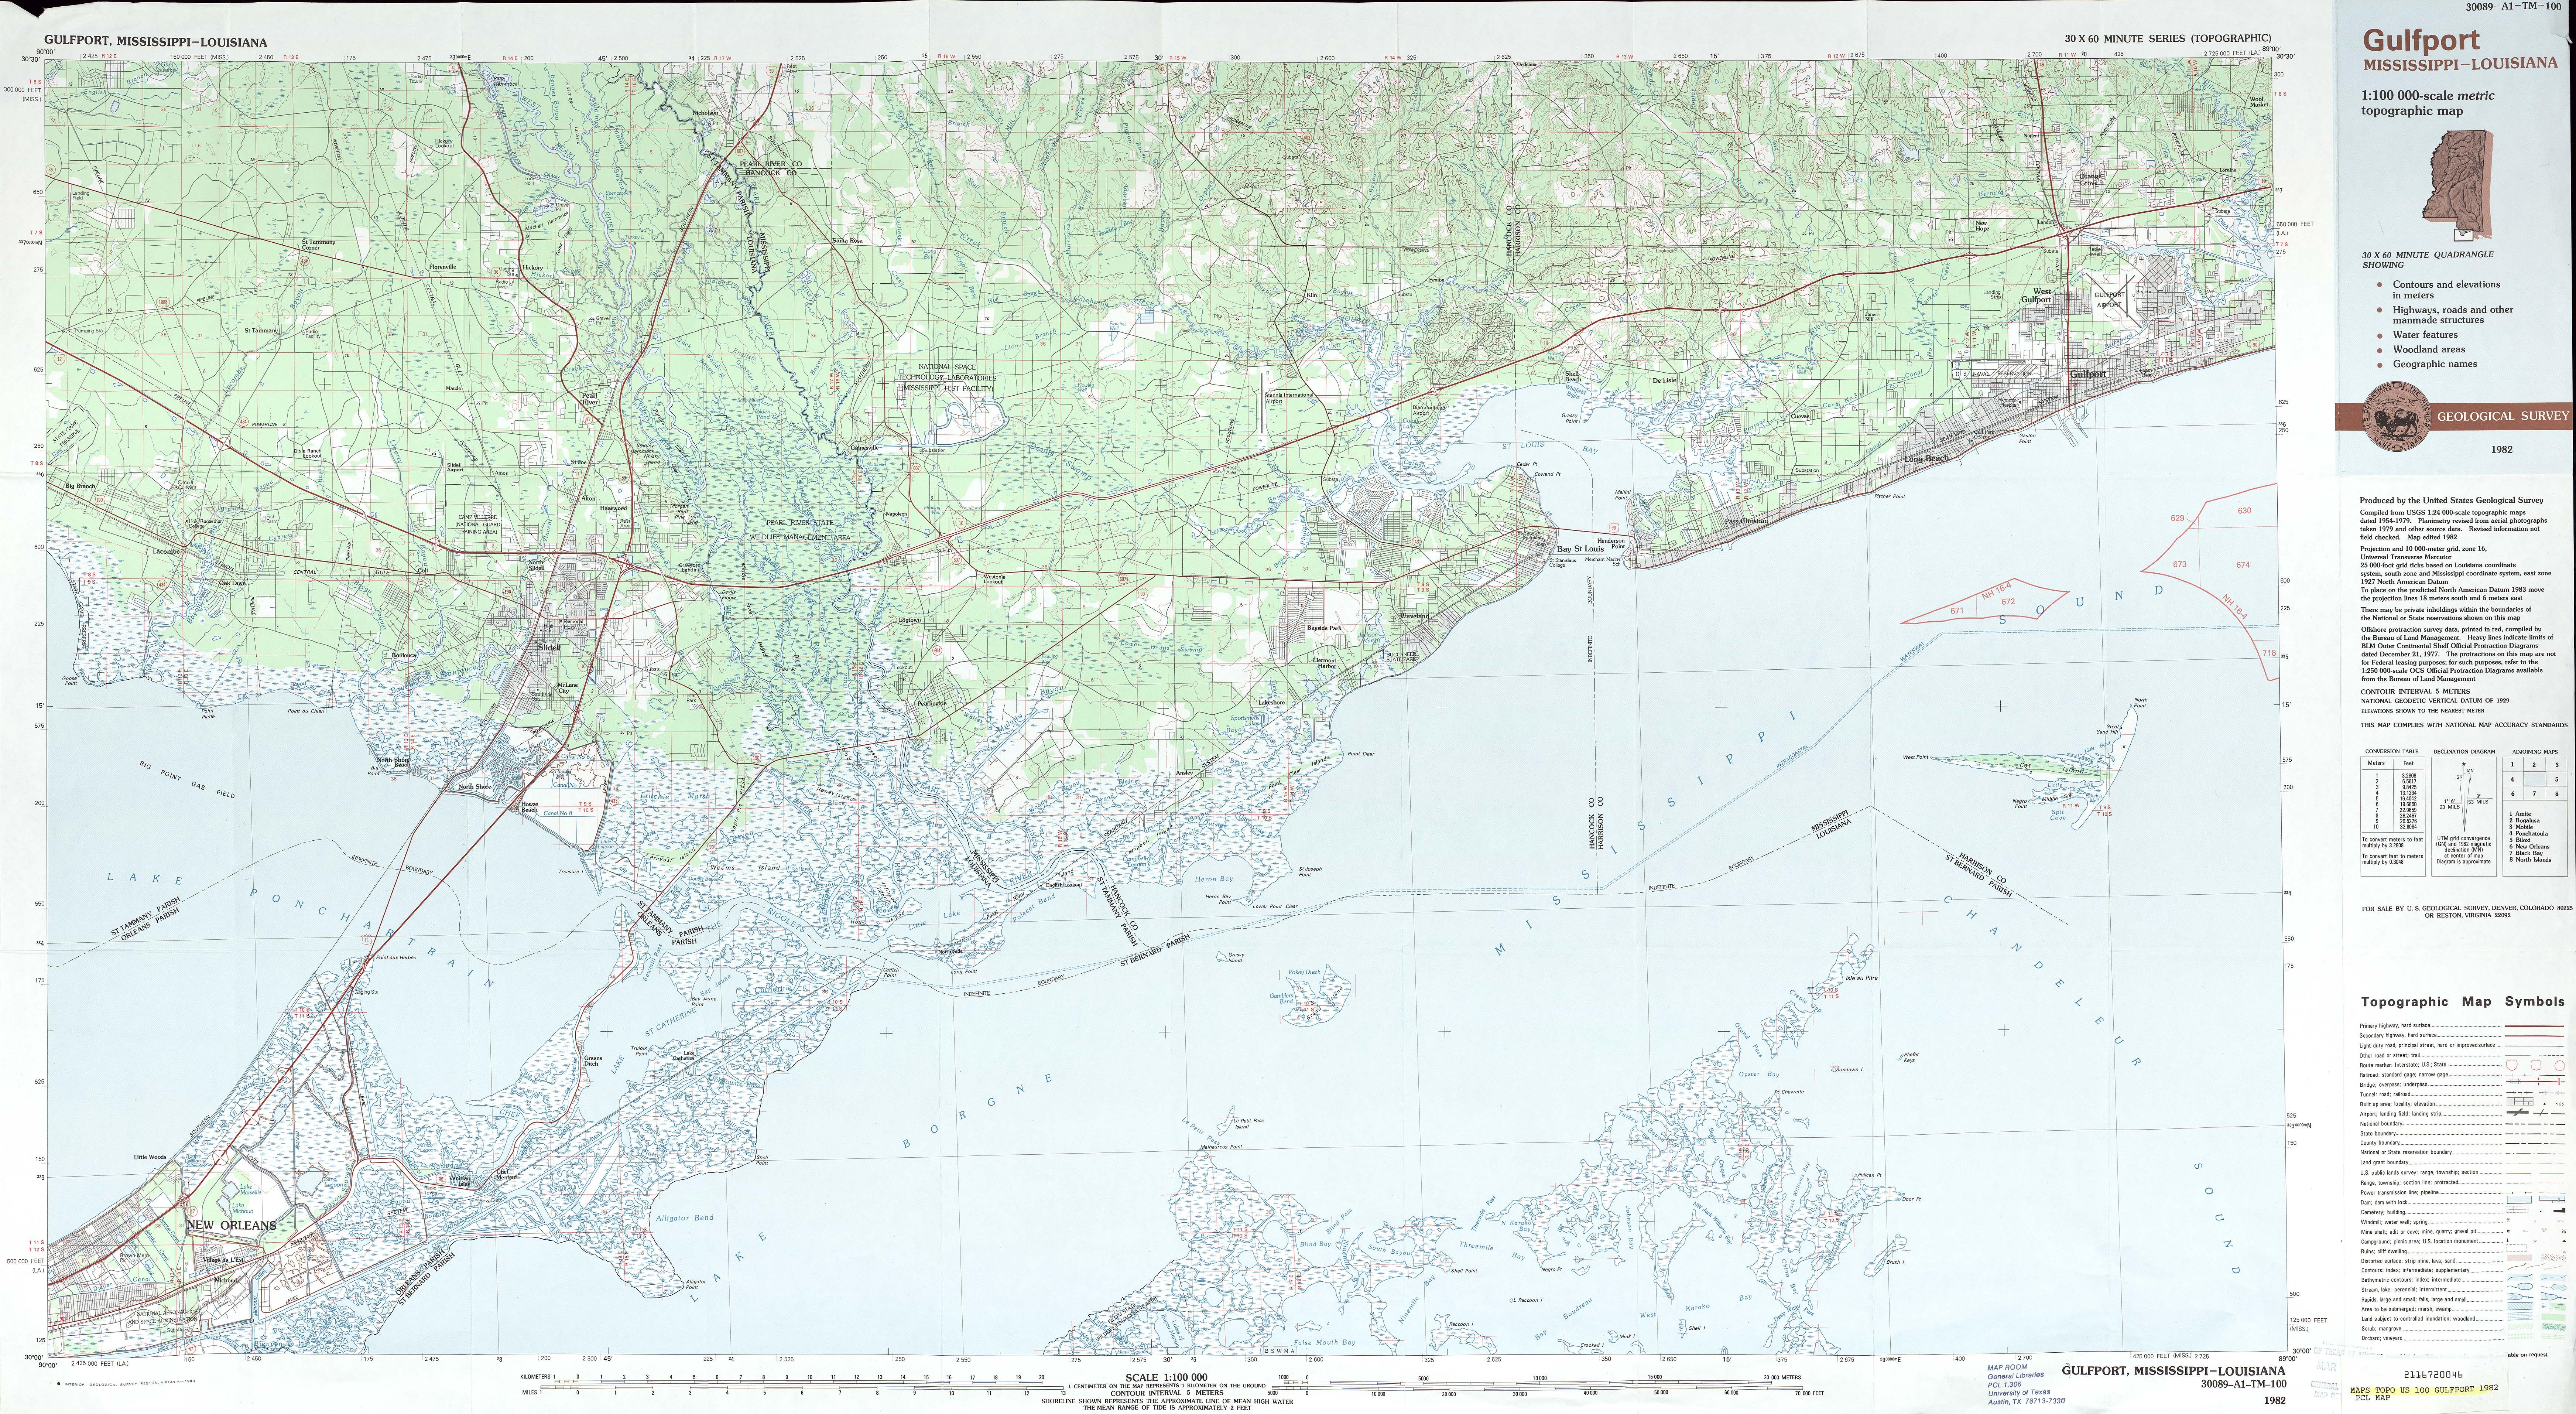 Mapa Topográfico de Nueva Orleans, Luisiana Hasta Gulfport, Misisipi, Estados Unidos